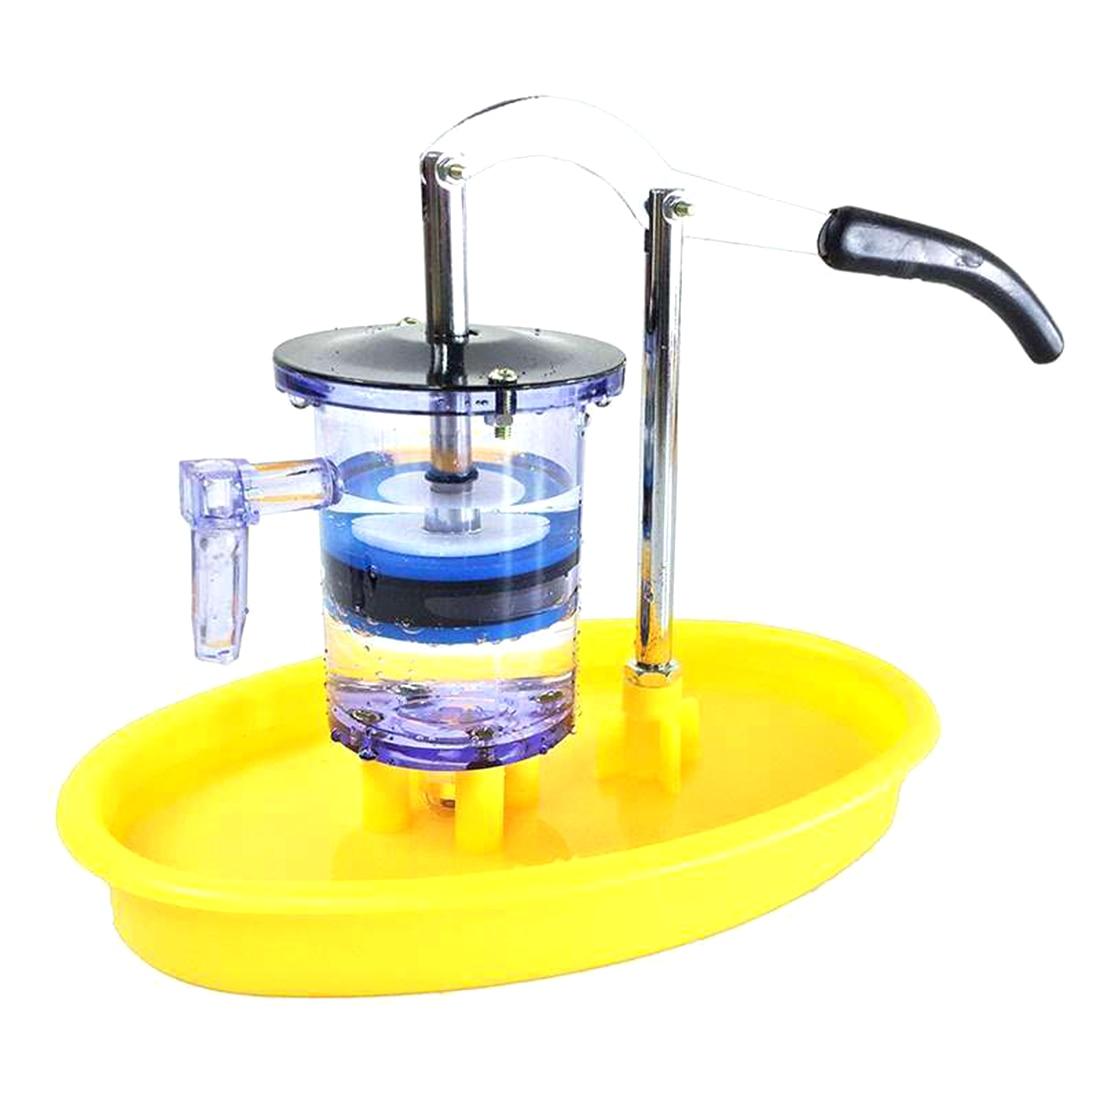 Pompe à eau à Piston modèle de pompe à pompe pression de l'eau bien mécanique physique modèle jouet appareil d'enseignement Science jouets physique